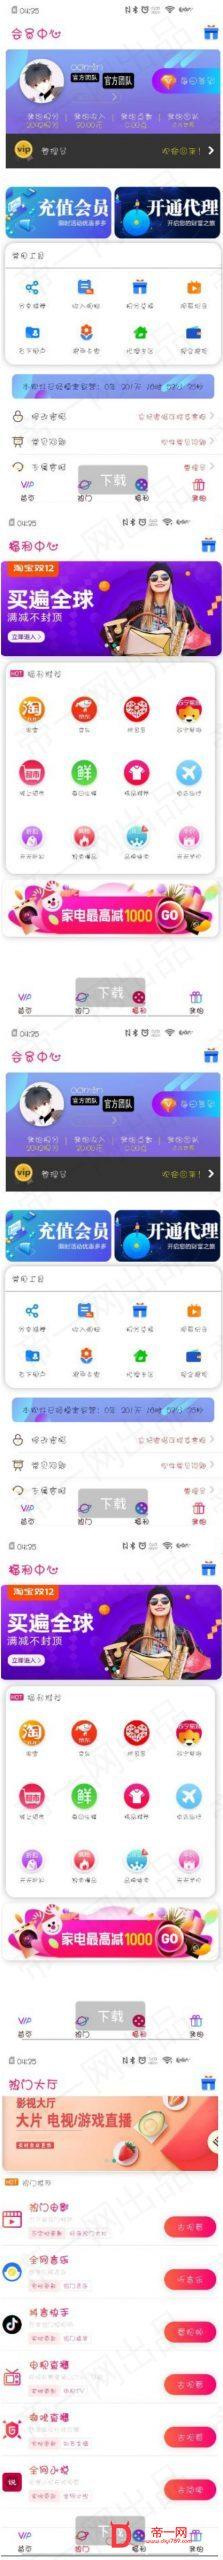 最新UI千月影视盒子双端源码 手机视频软件源码